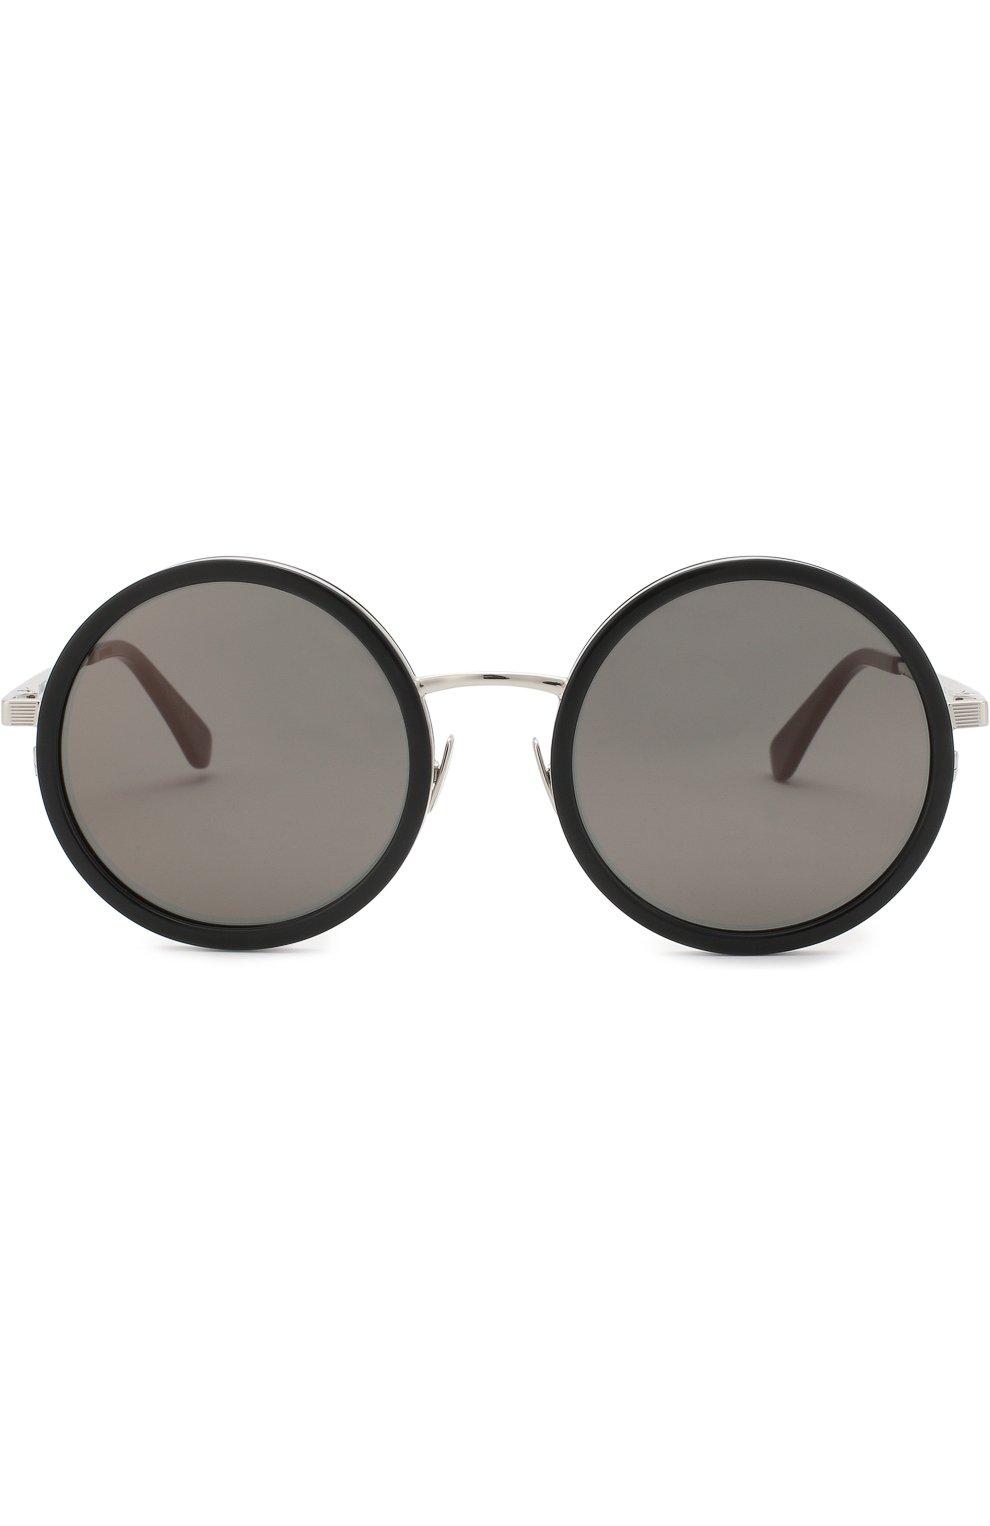 Женские солнцезащитные очки SAINT LAURENT серебряного цвета, арт. SL 136 C0MBI 001 | Фото 2